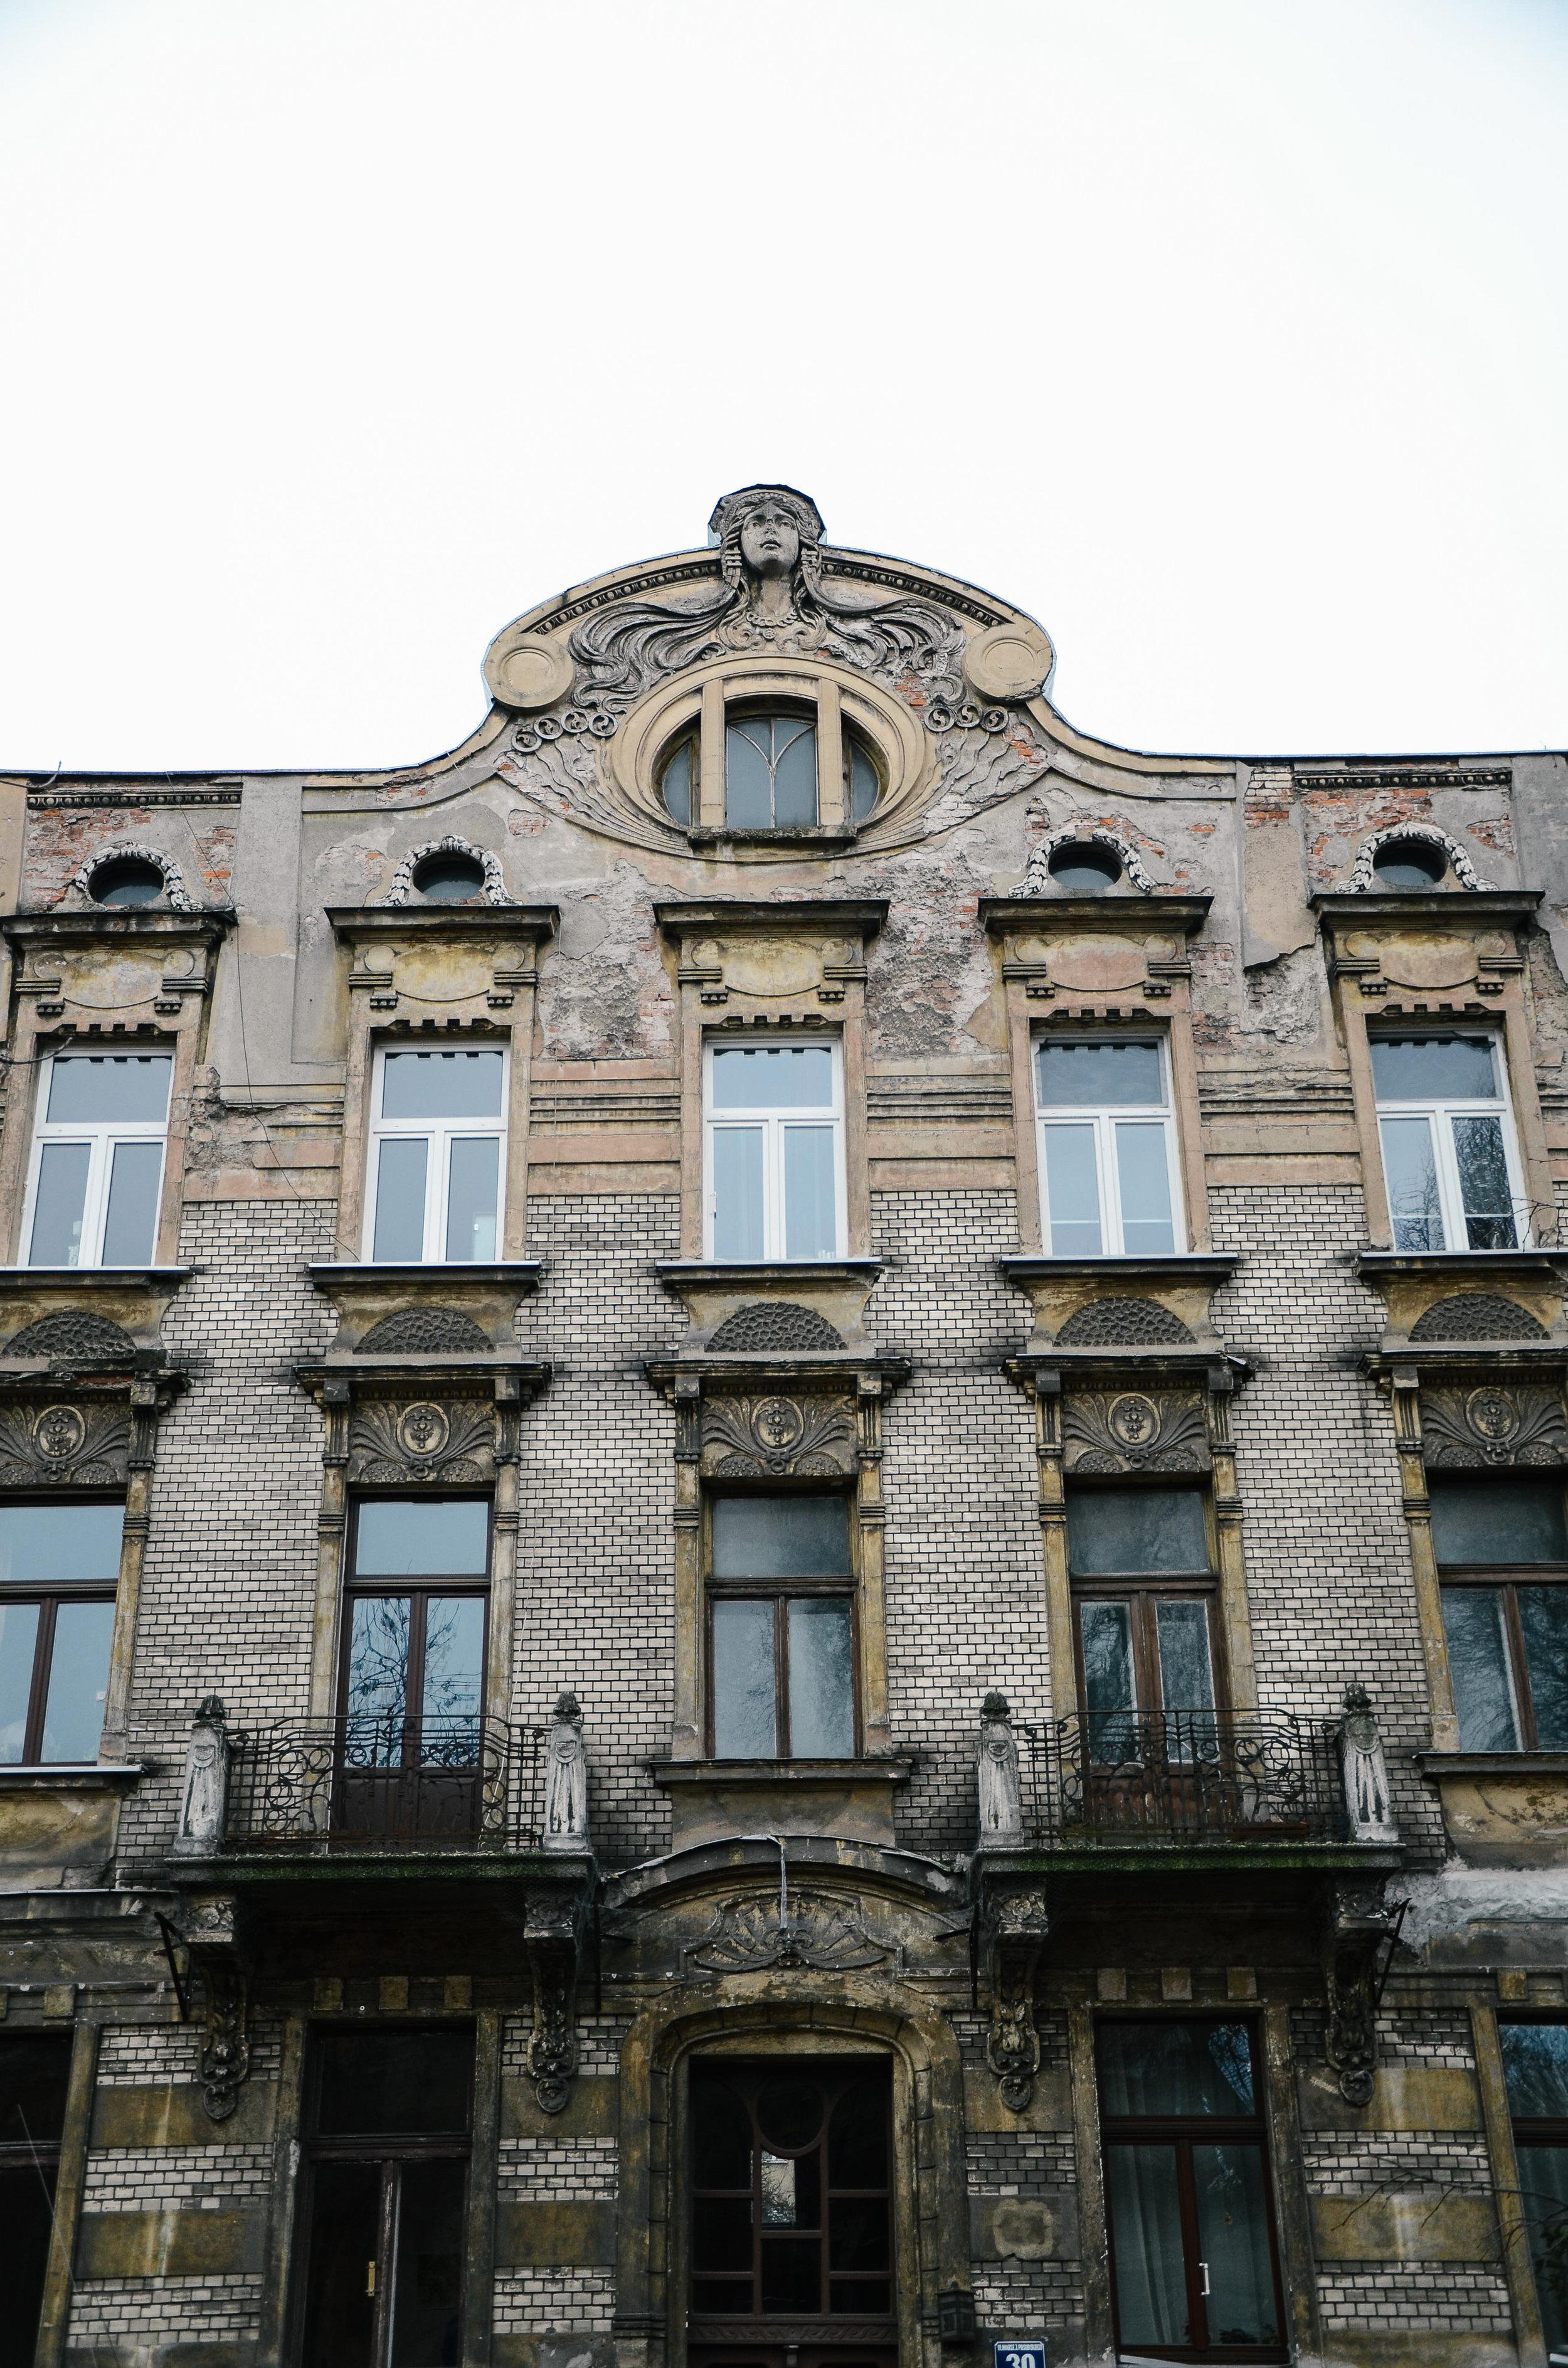 krakow-poland-travel-guide-lifeonpin_DSC_0956.jpg